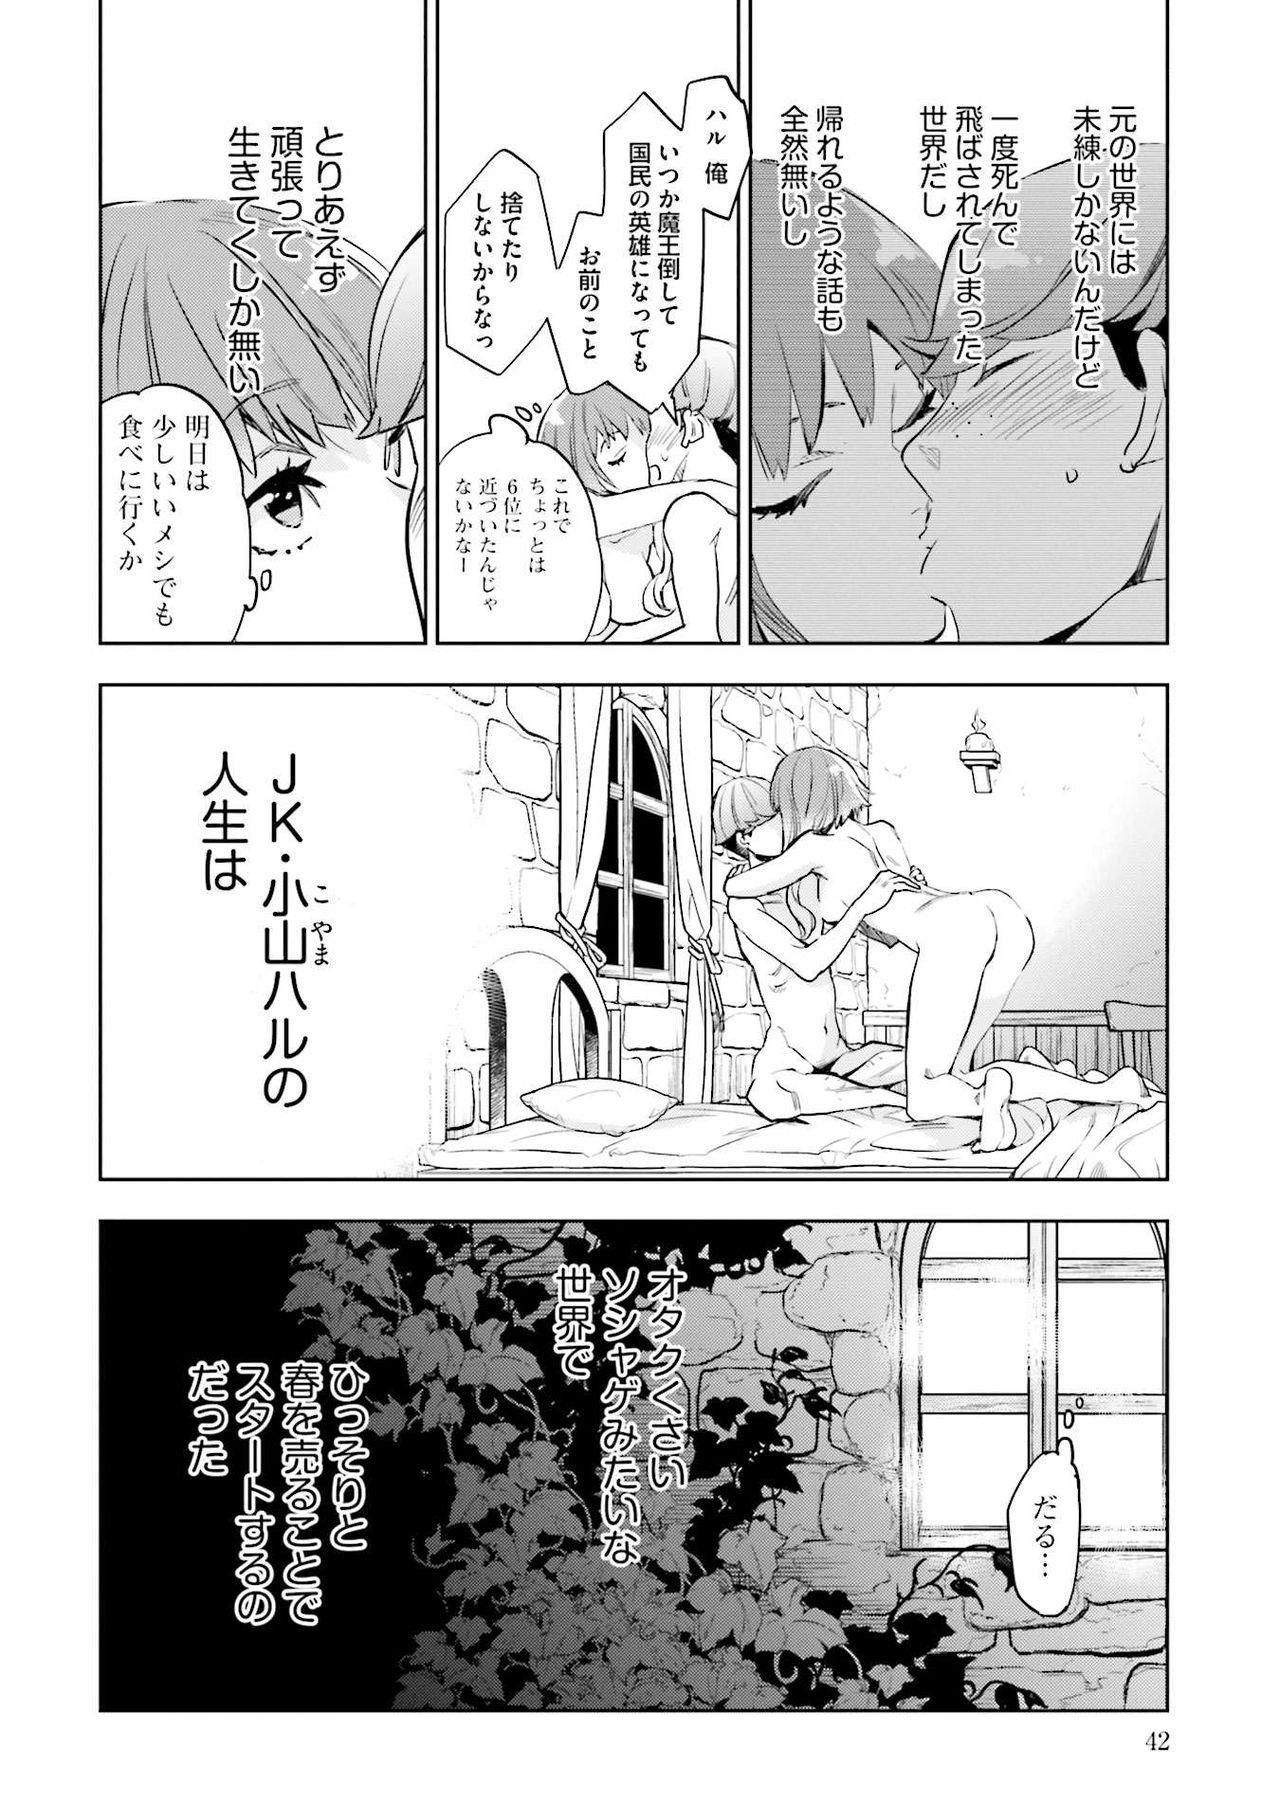 JK Haru wa Isekai de Shoufu ni Natta 1-14 43